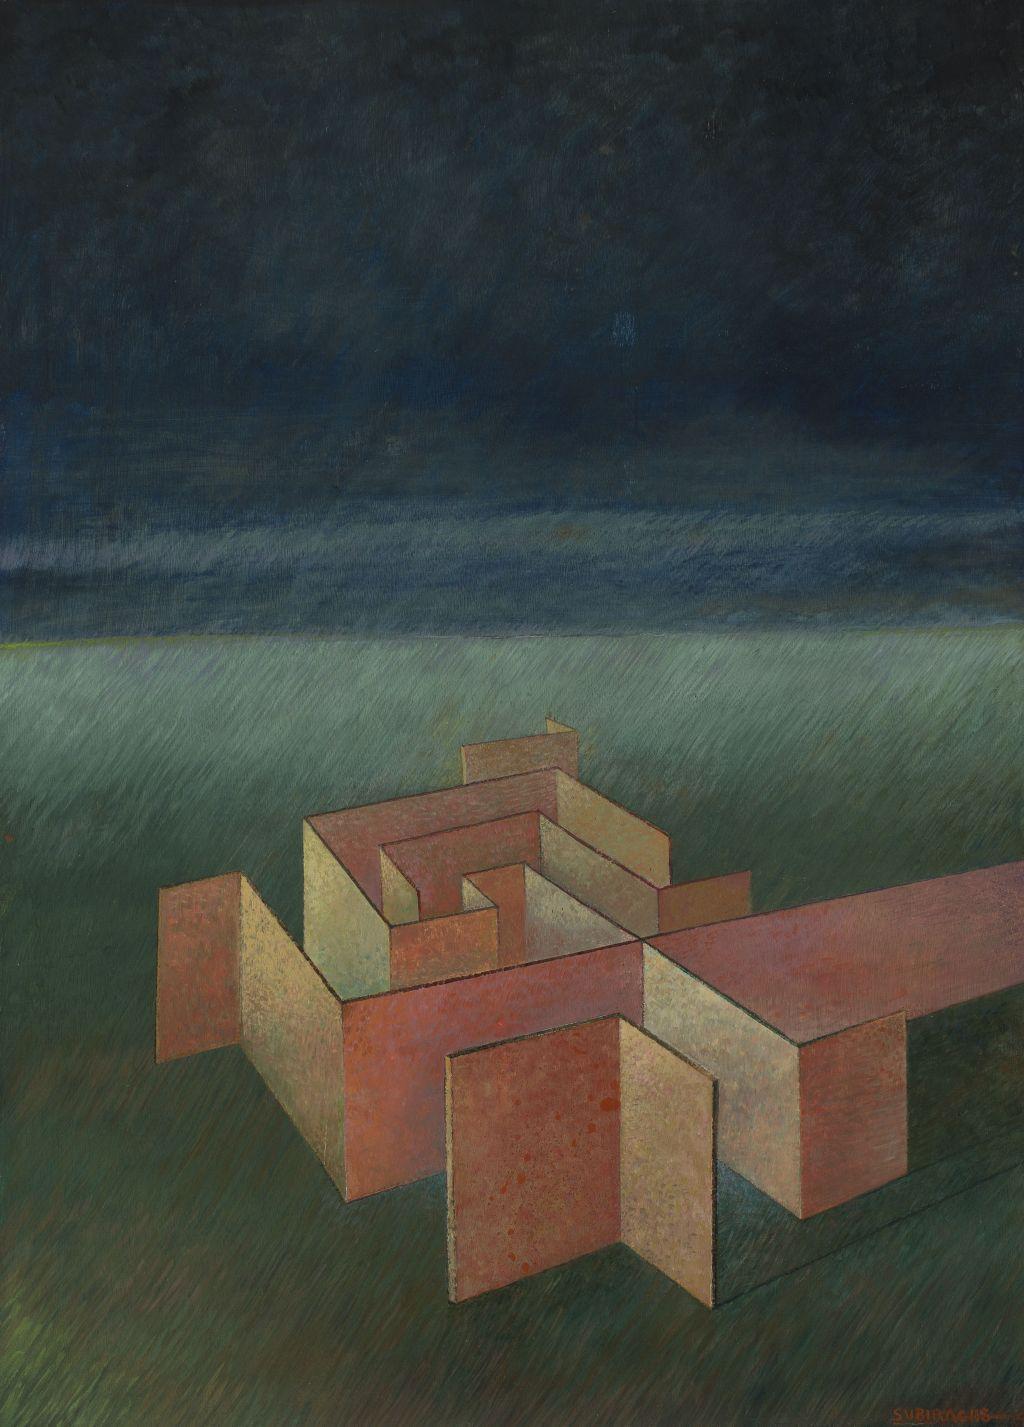 Laberinto - Subirachs | Artur Ramon Galeria Arte Barcelona